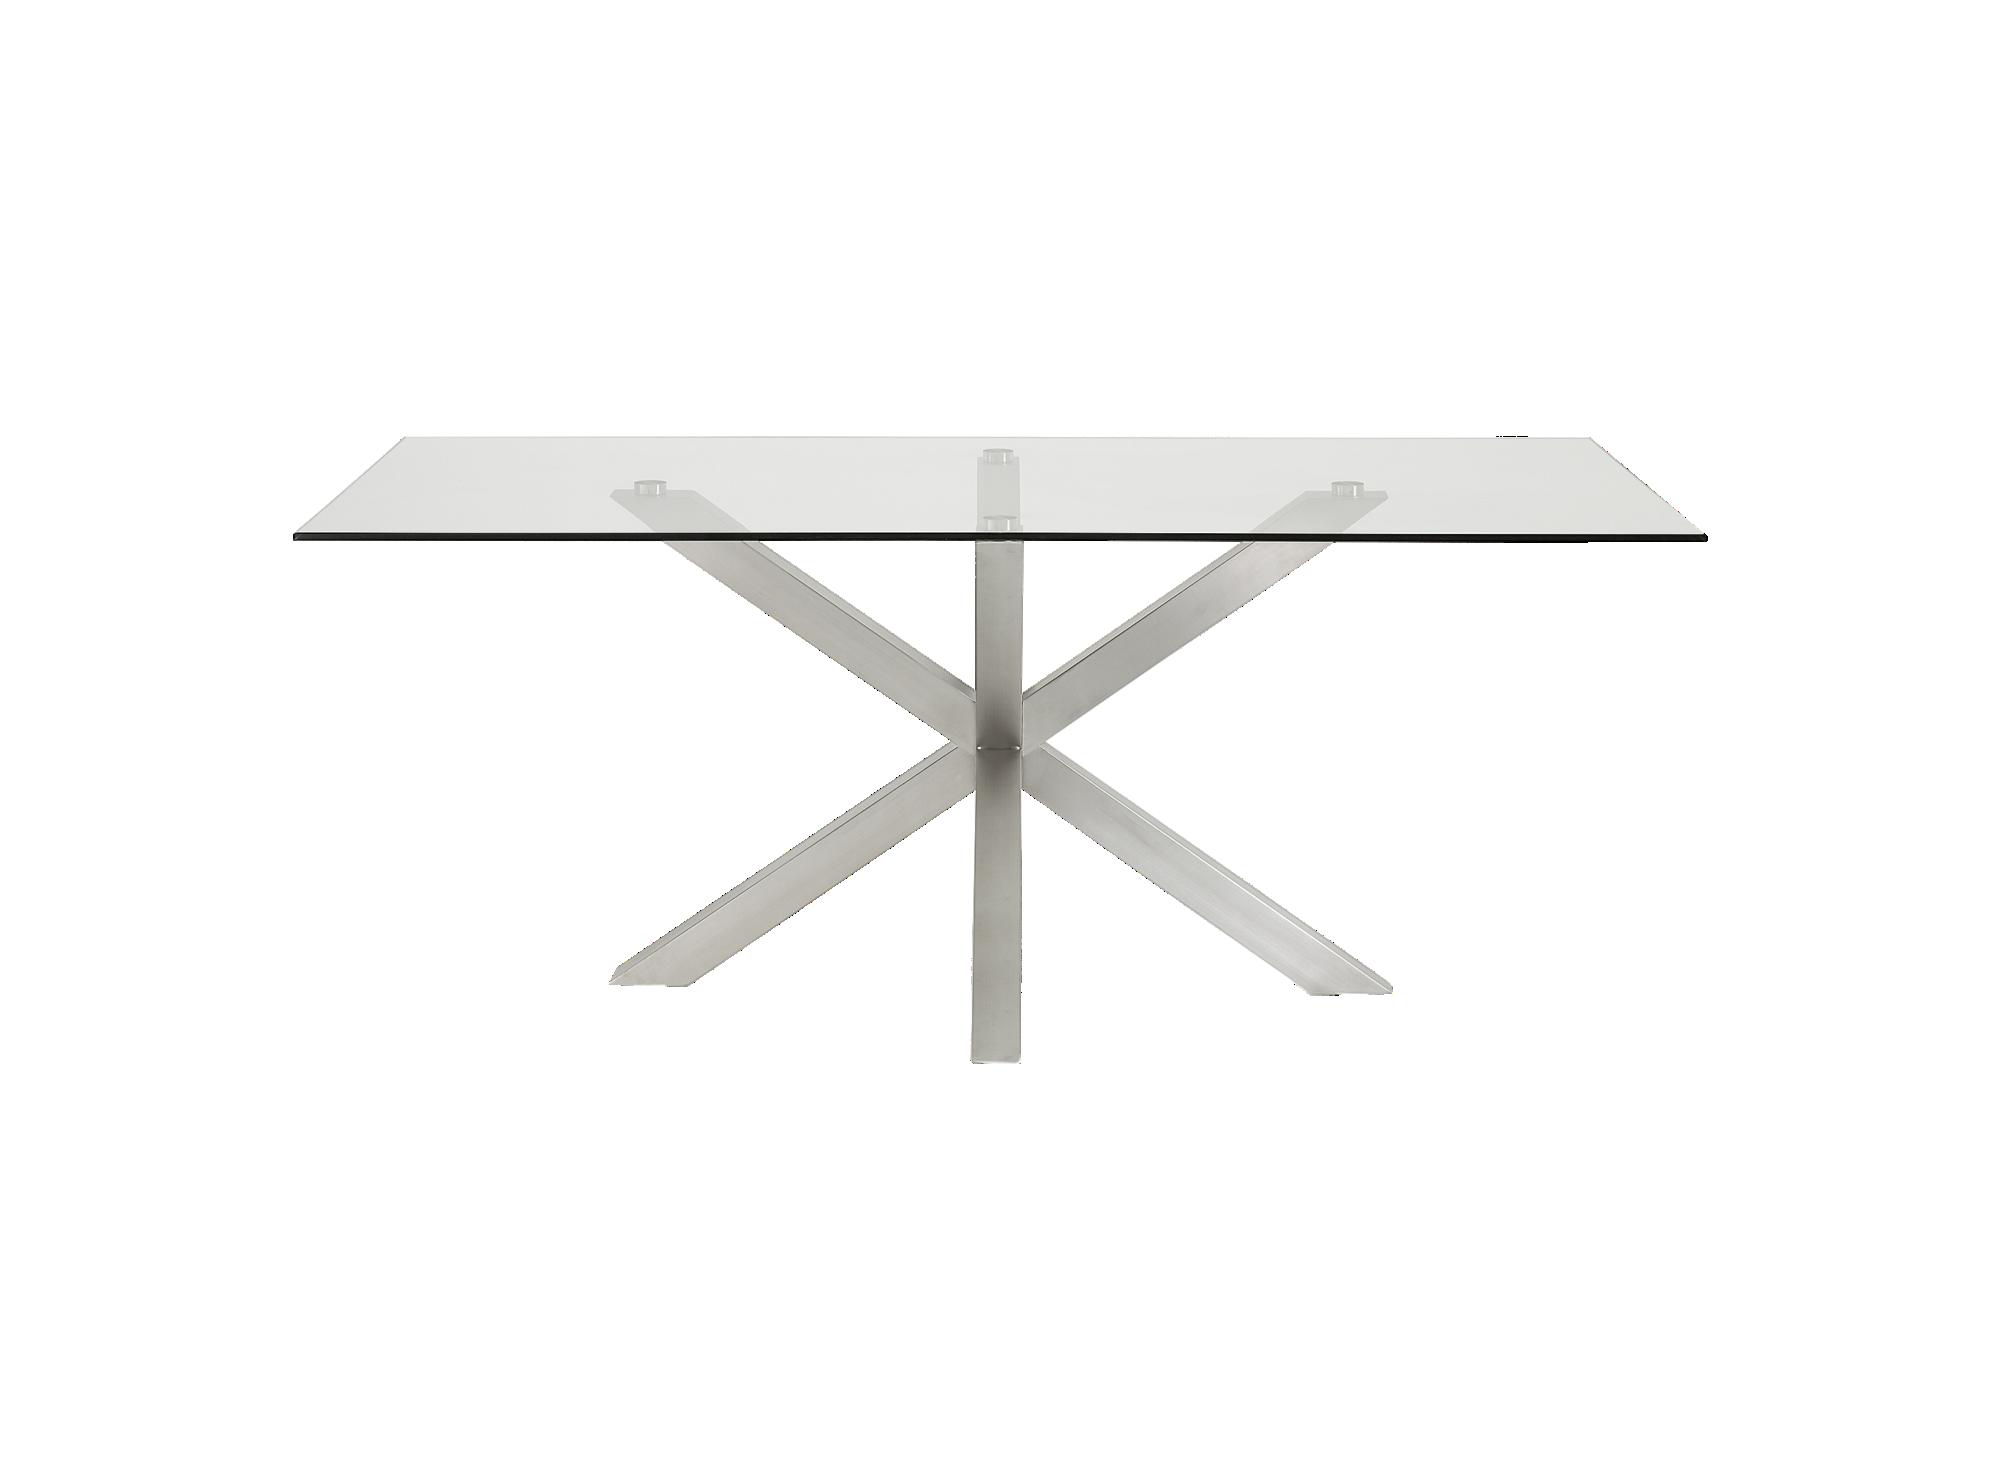 Table acier mat/verre structure et pietement en acier finition inox b ...